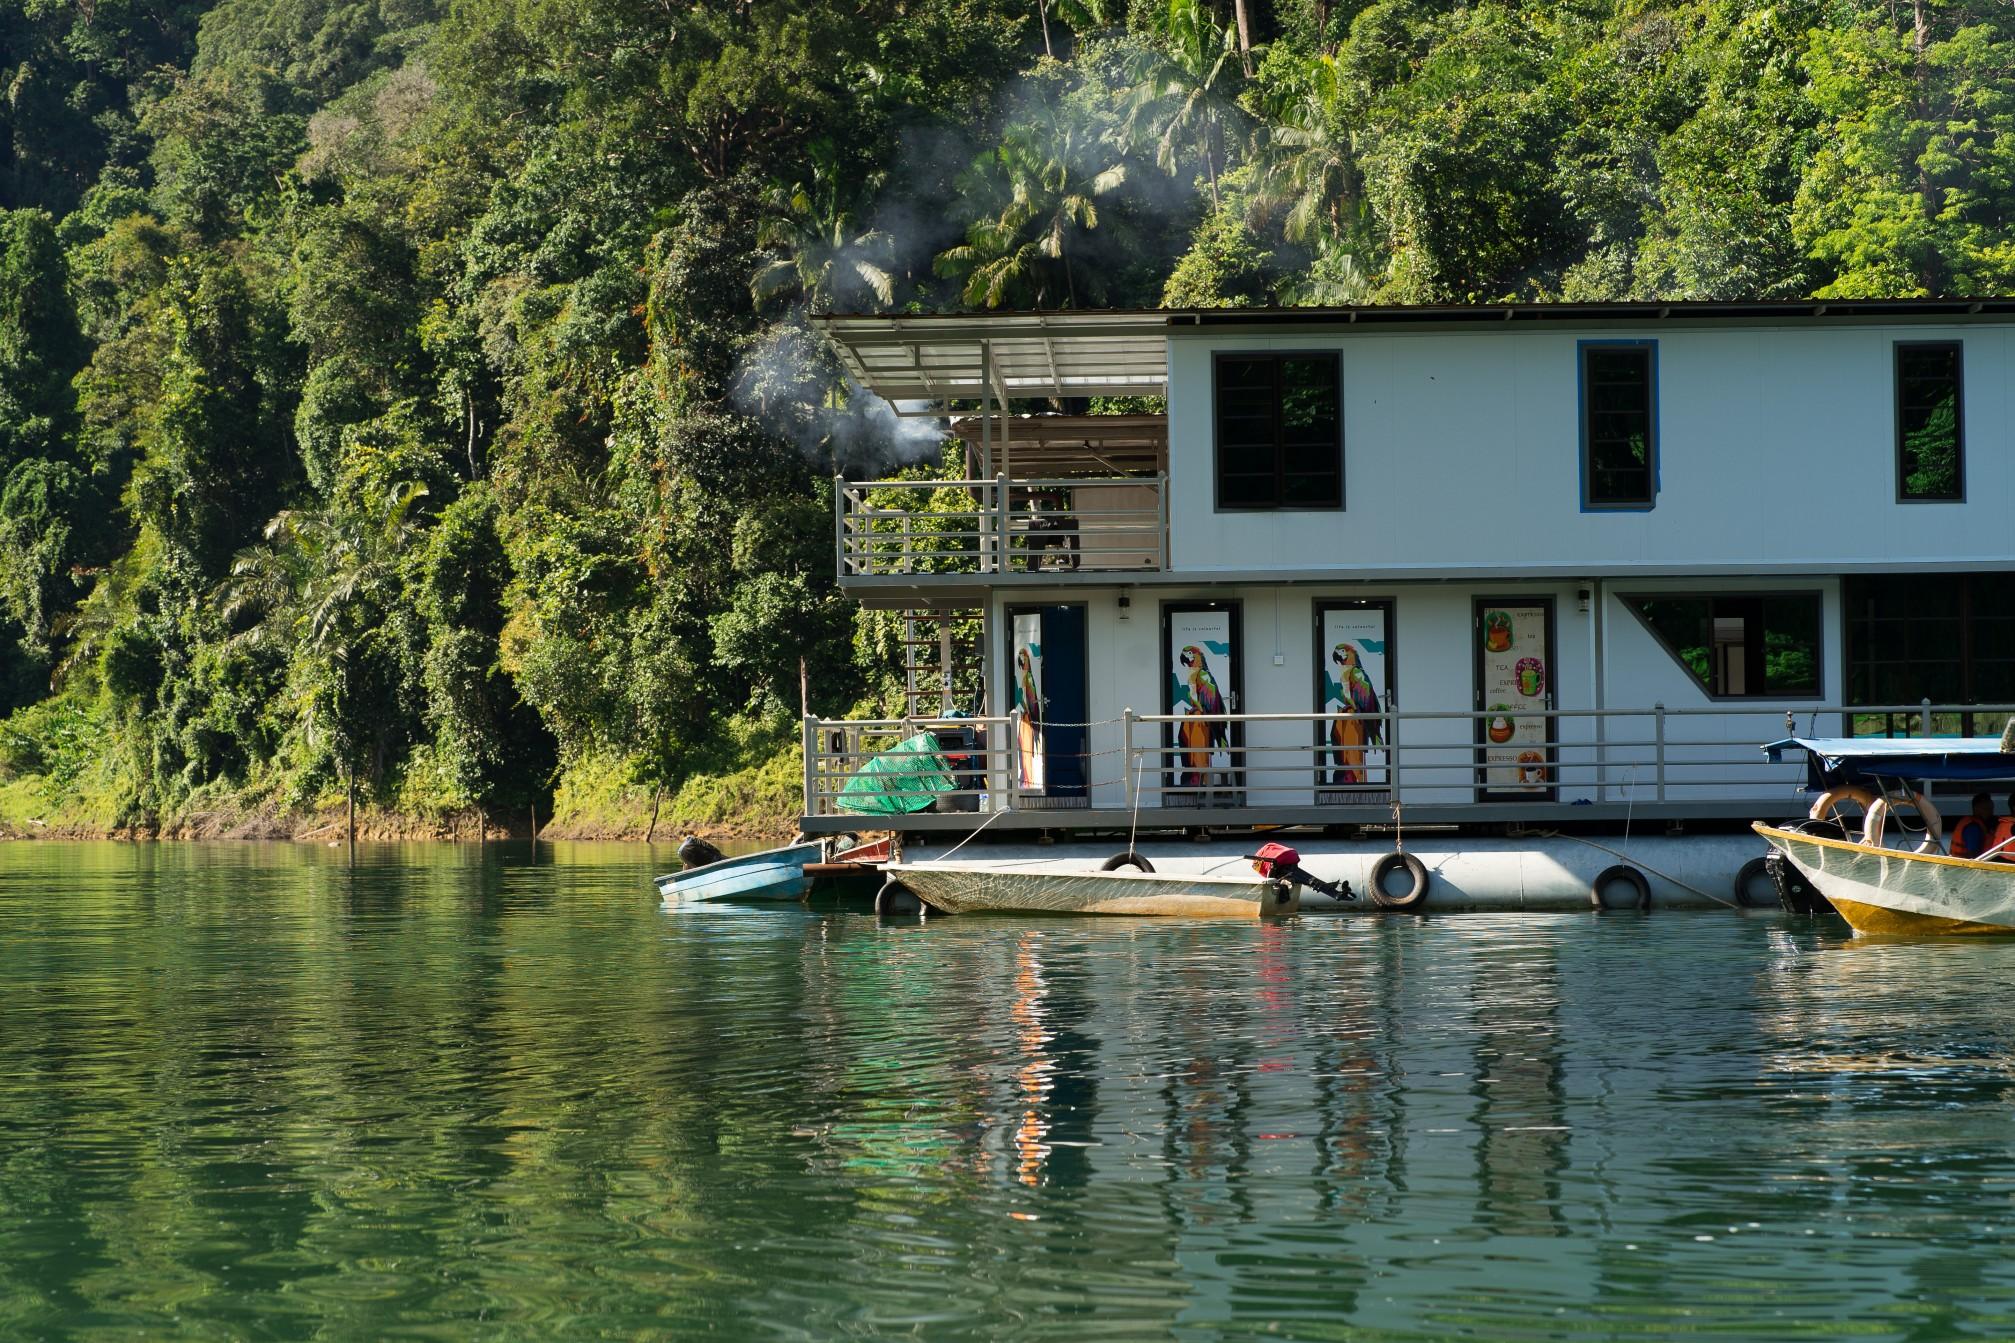 Ein modernes Hausboot kann mehr als 1 Million Euro kosten. Foto ellinnurbakarudin via Twenty20